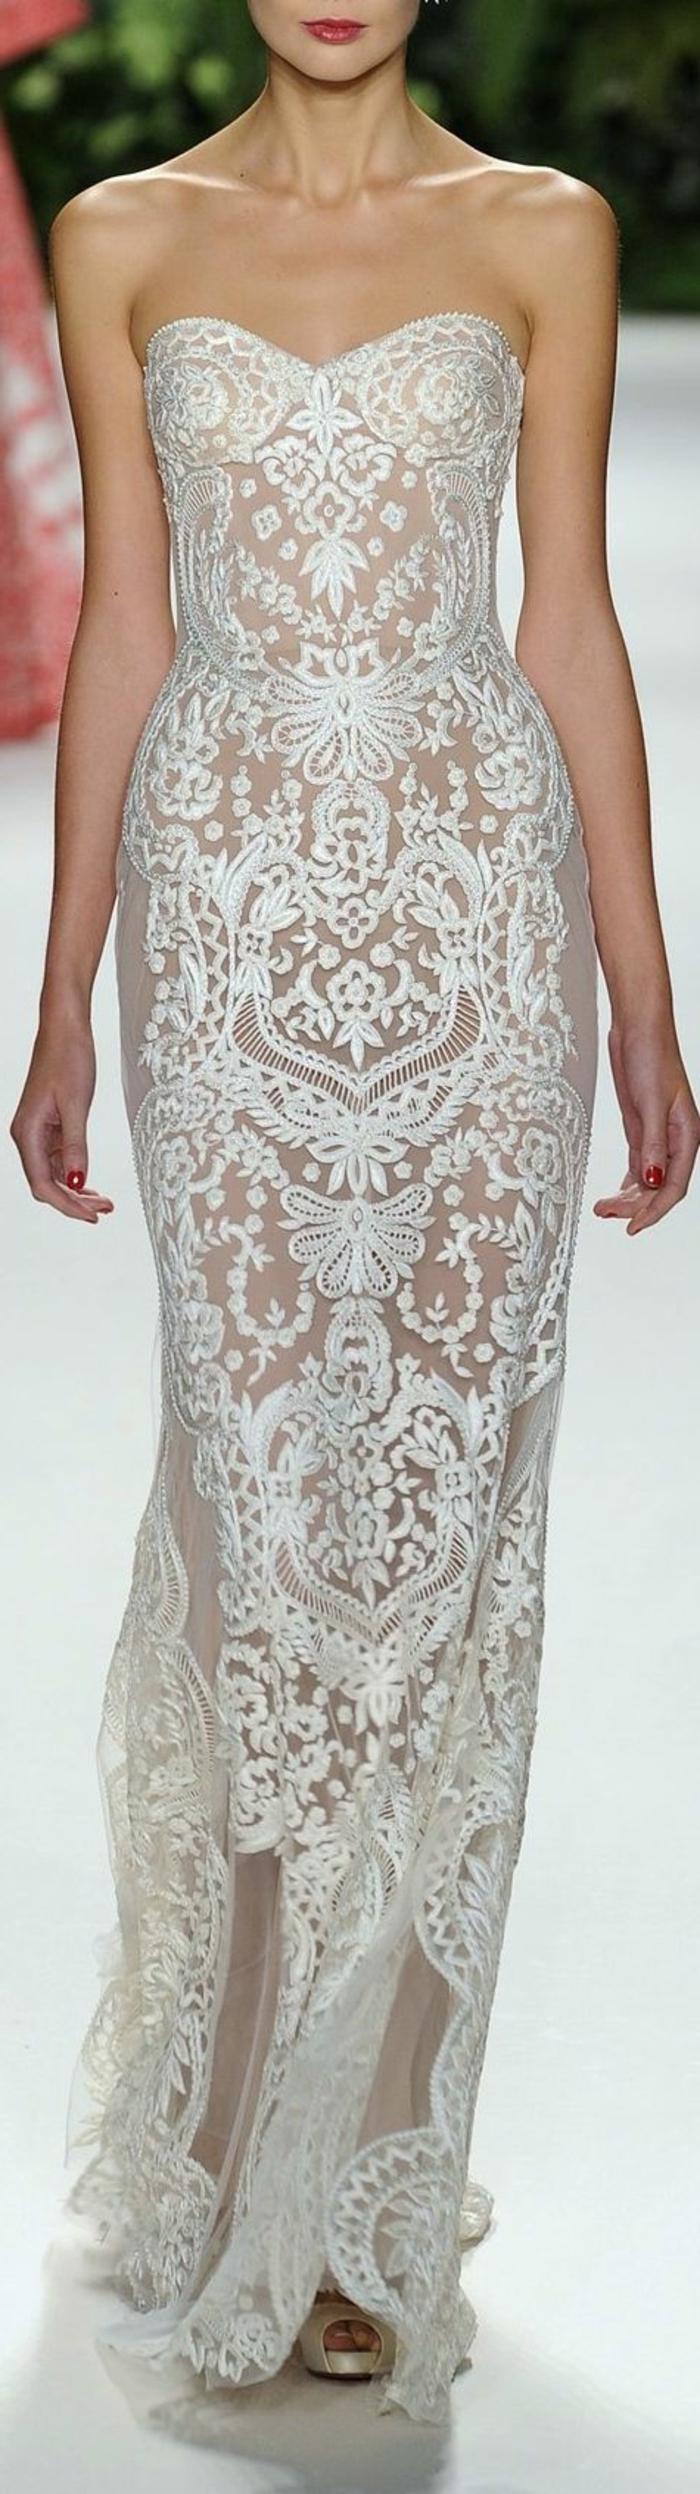 robe-fluide-habillée-de-couleur-blanc-pour-les-femmes-modernes